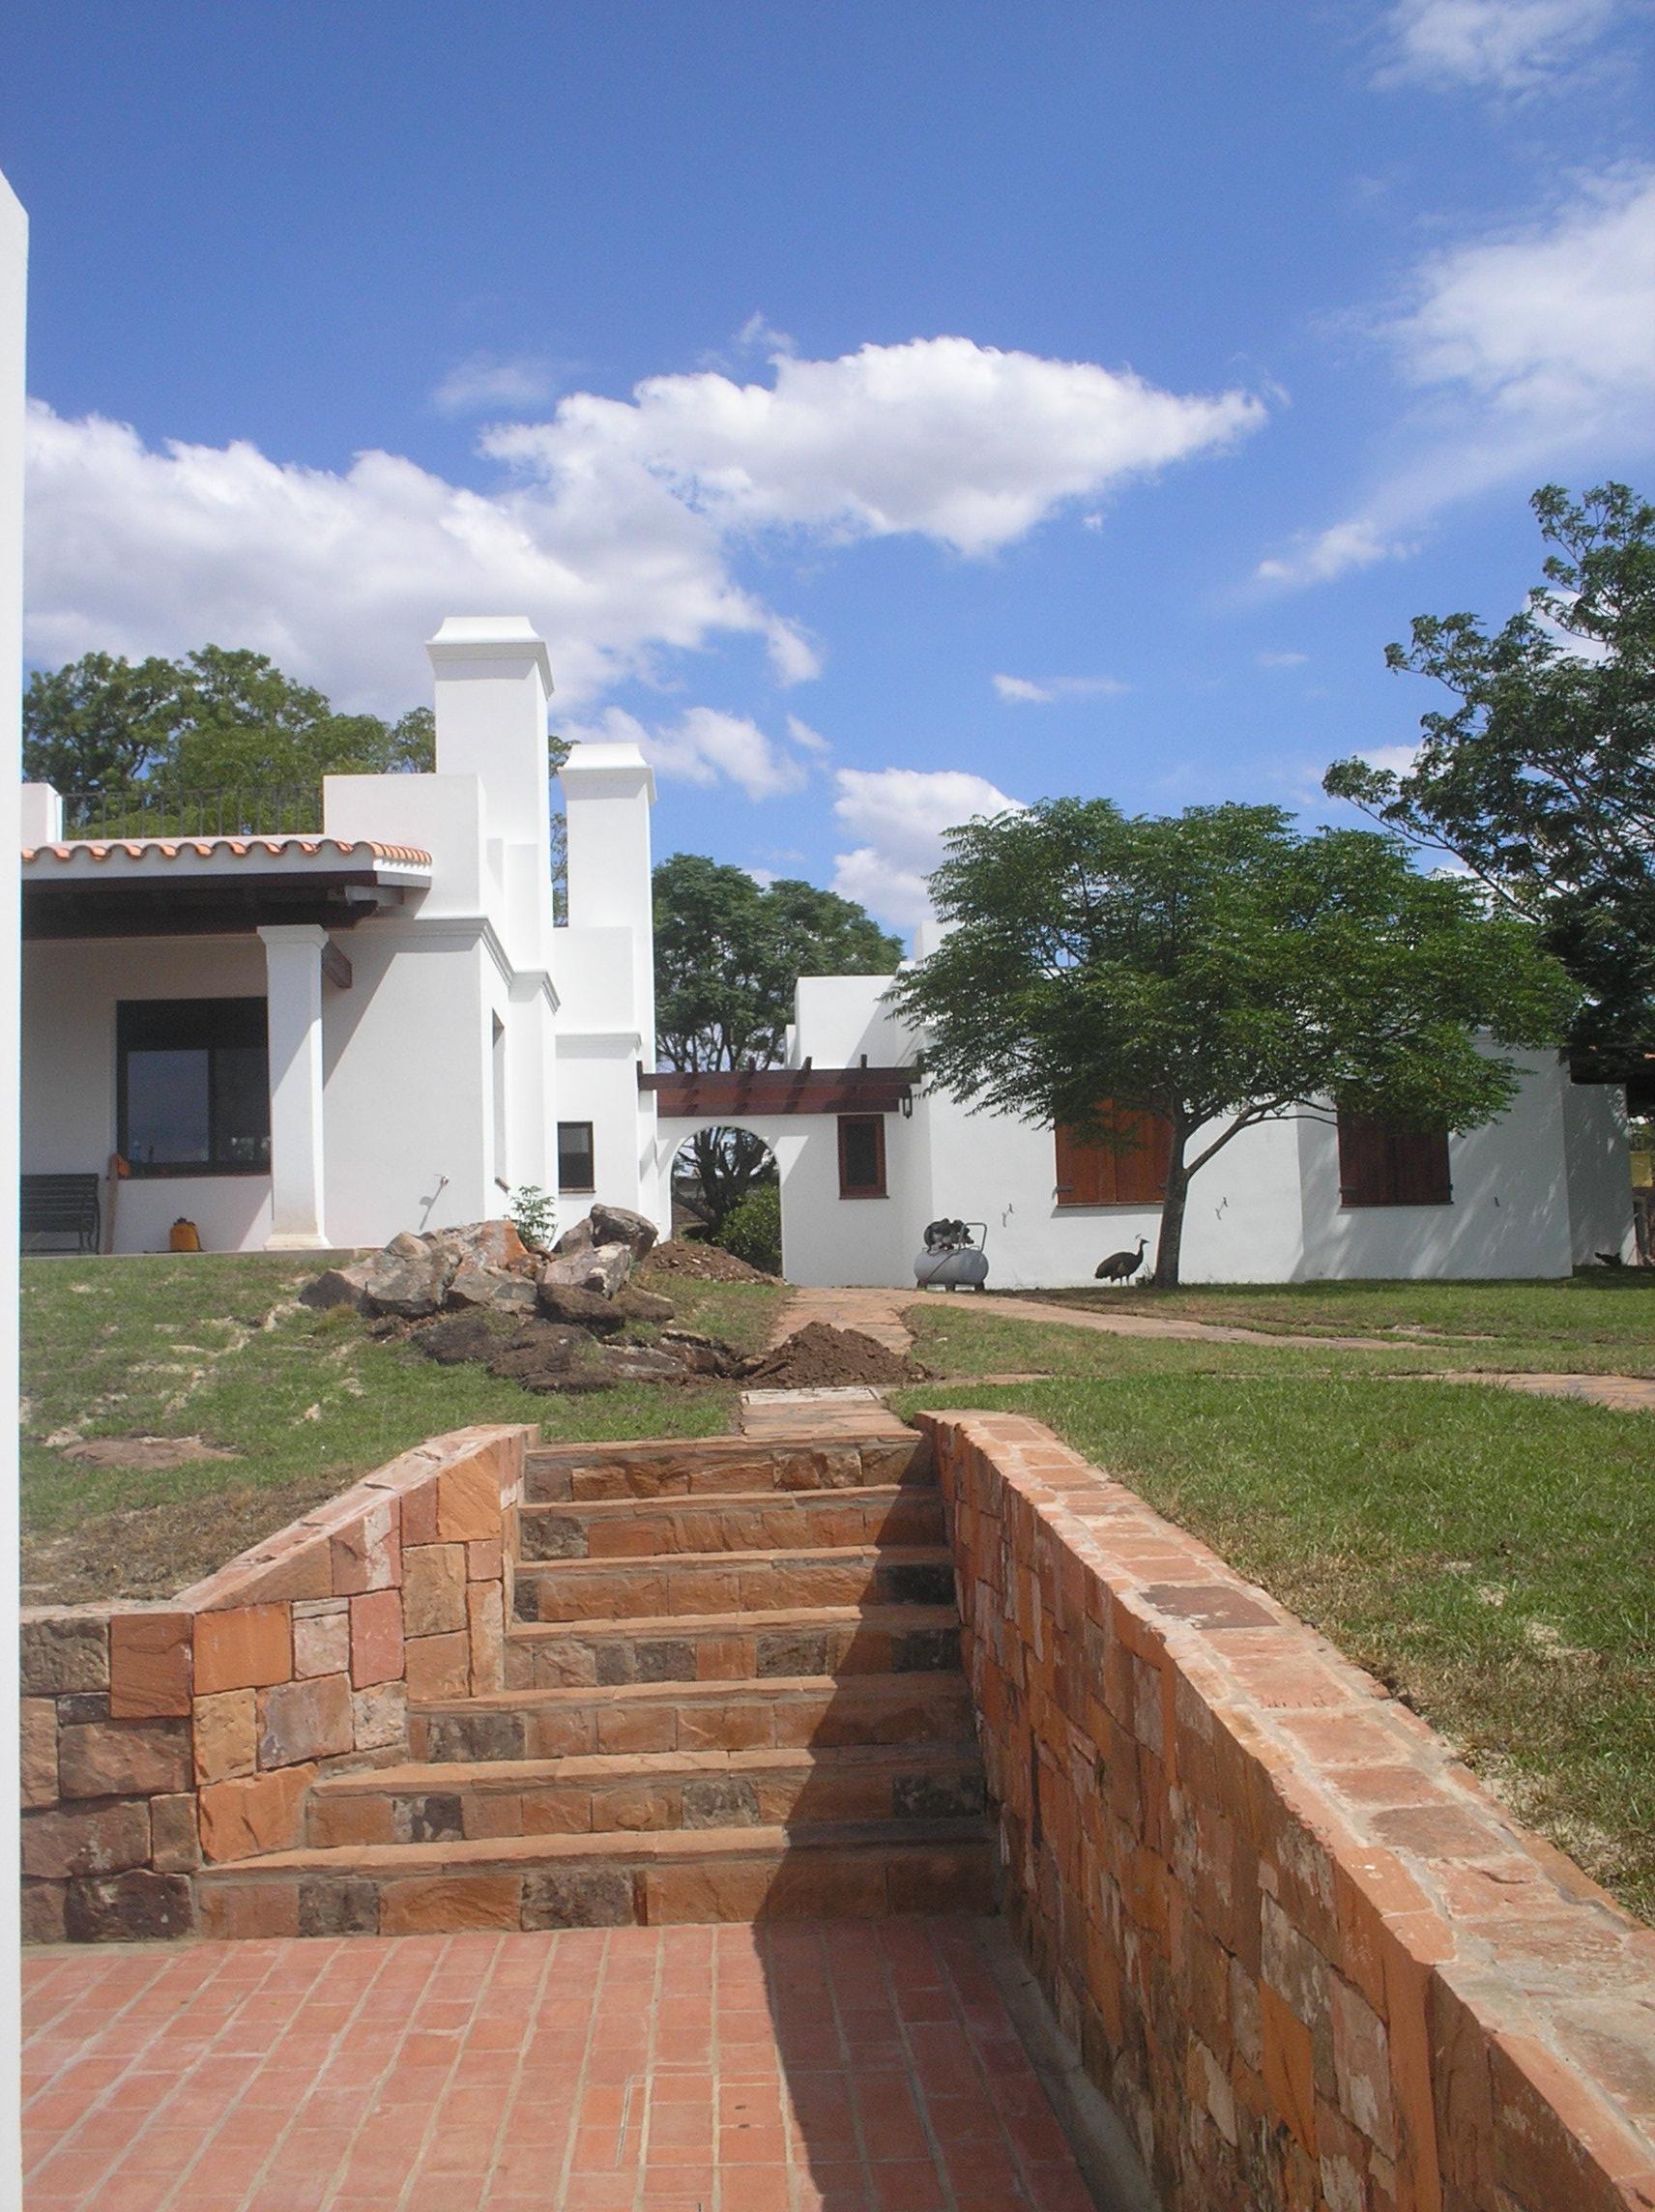 2006. Los Cerros 2